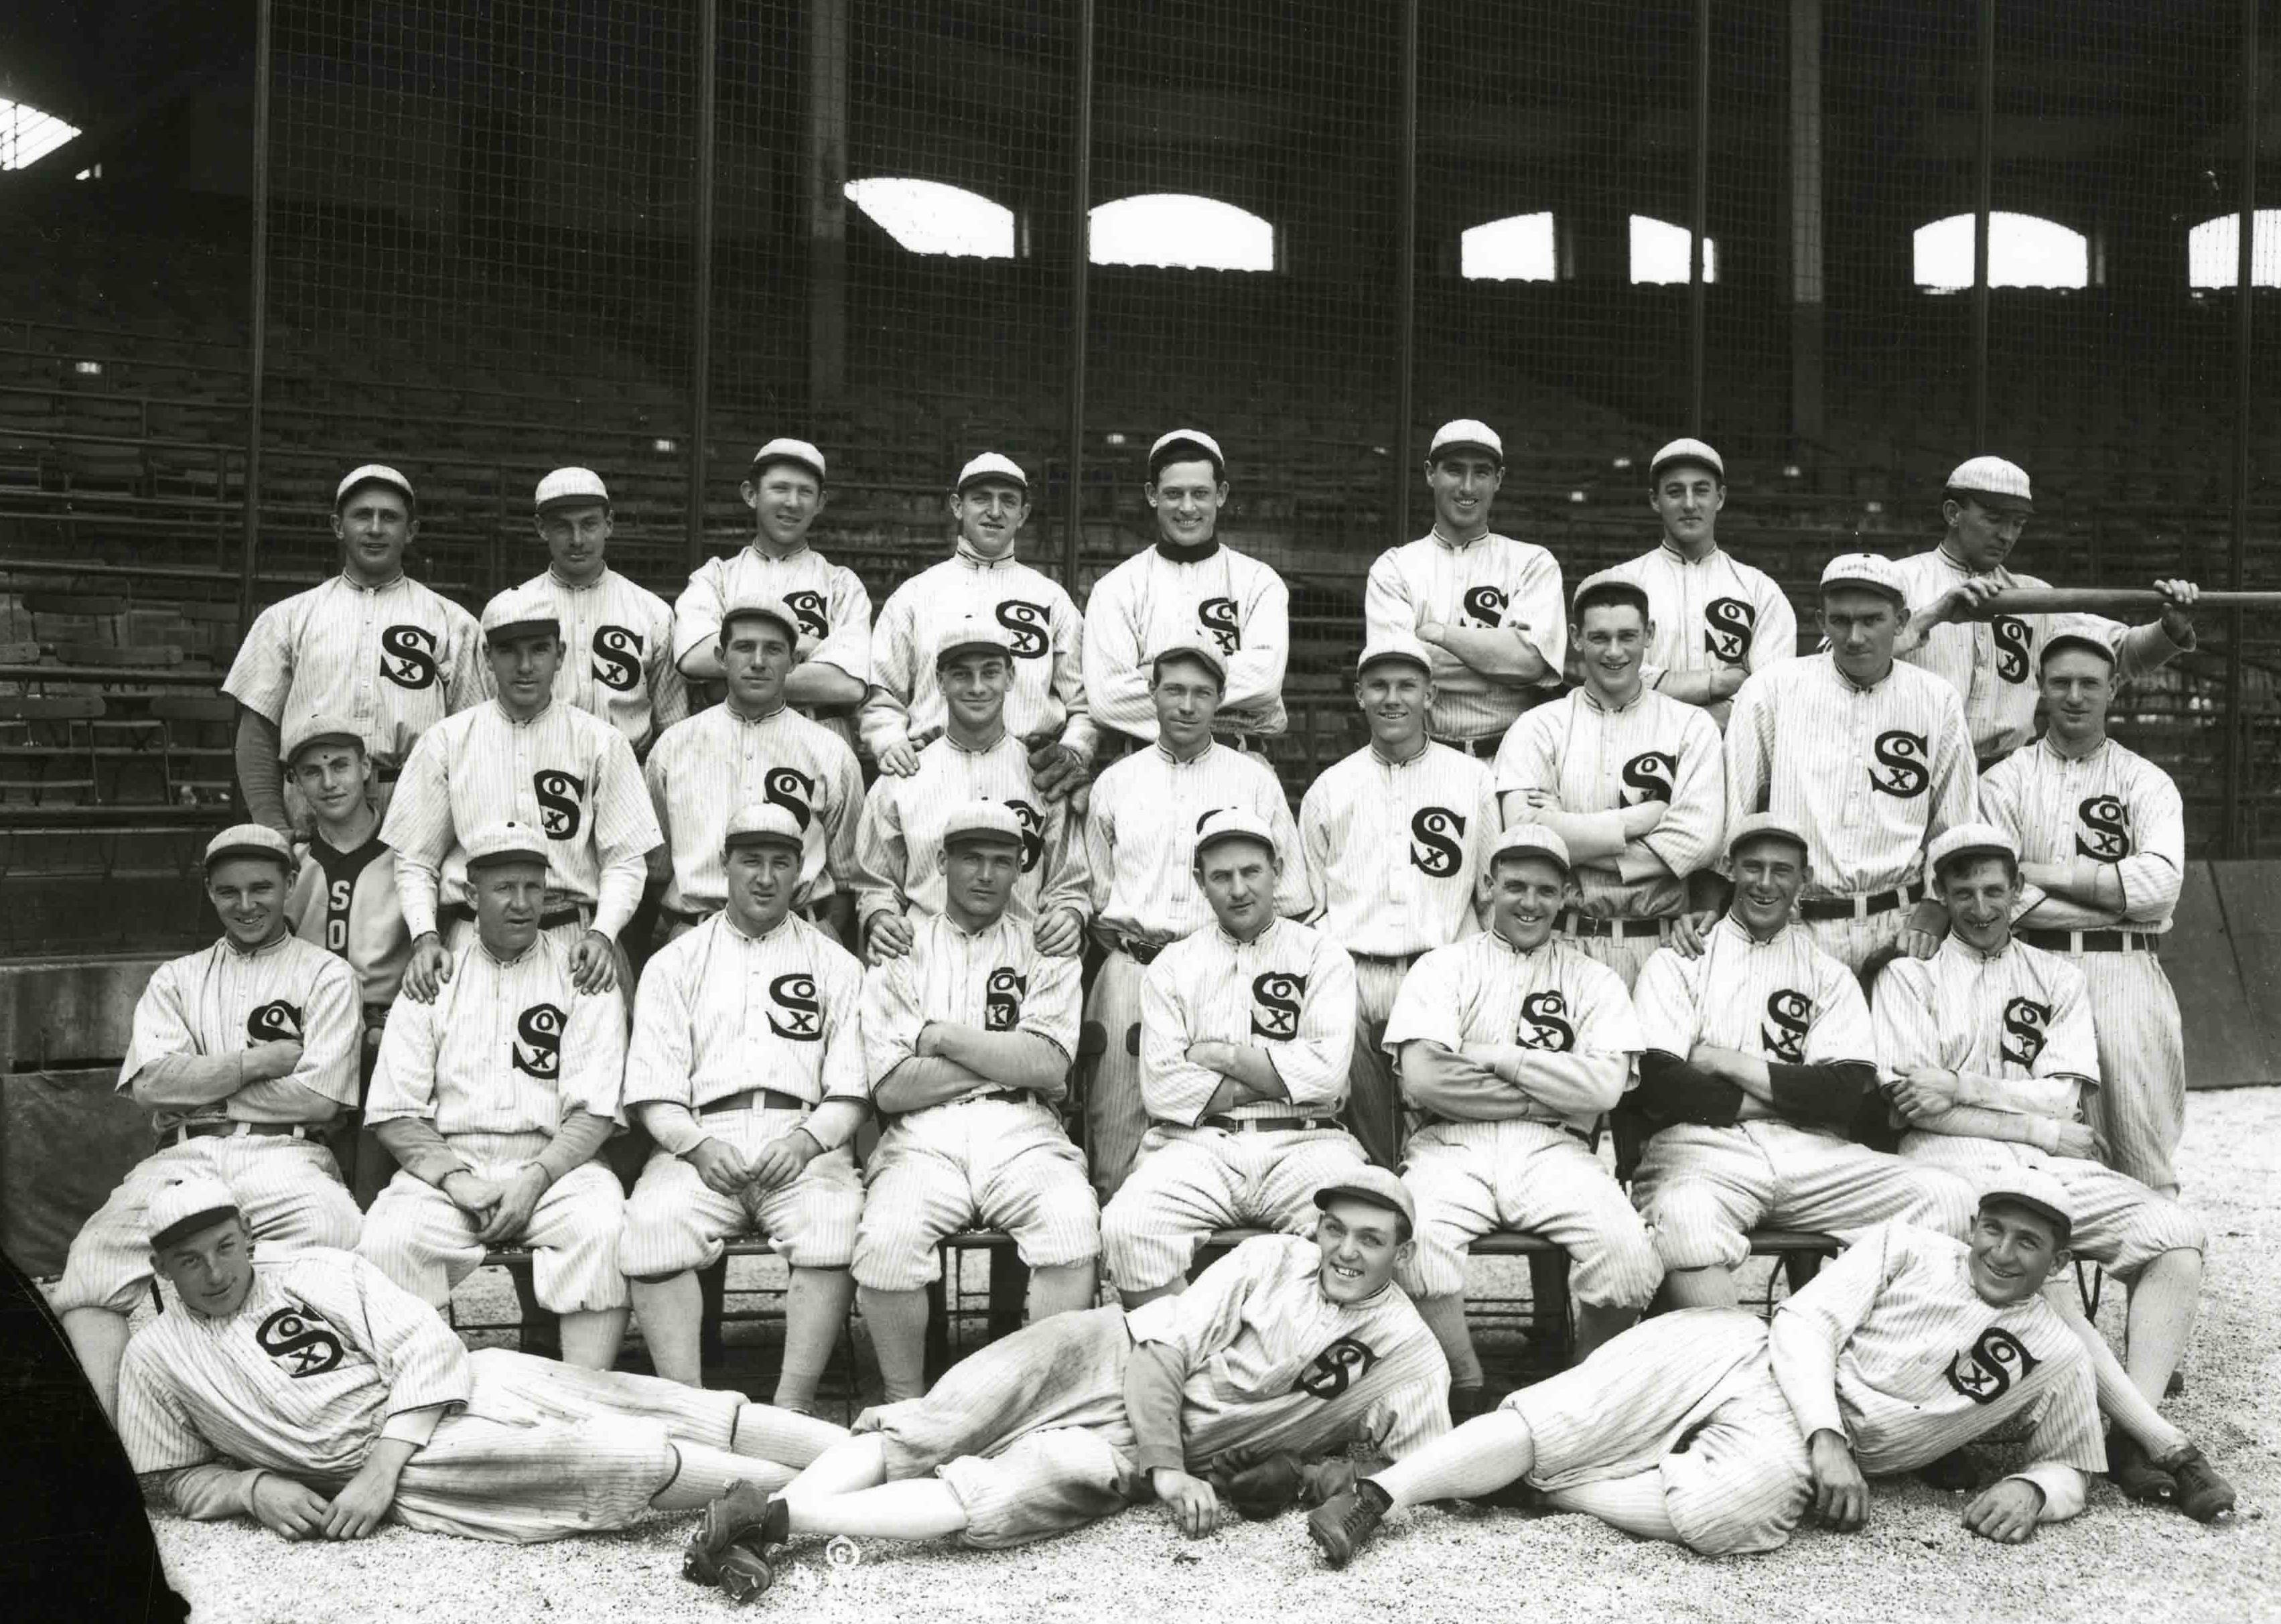 Chicago White Sox Photos